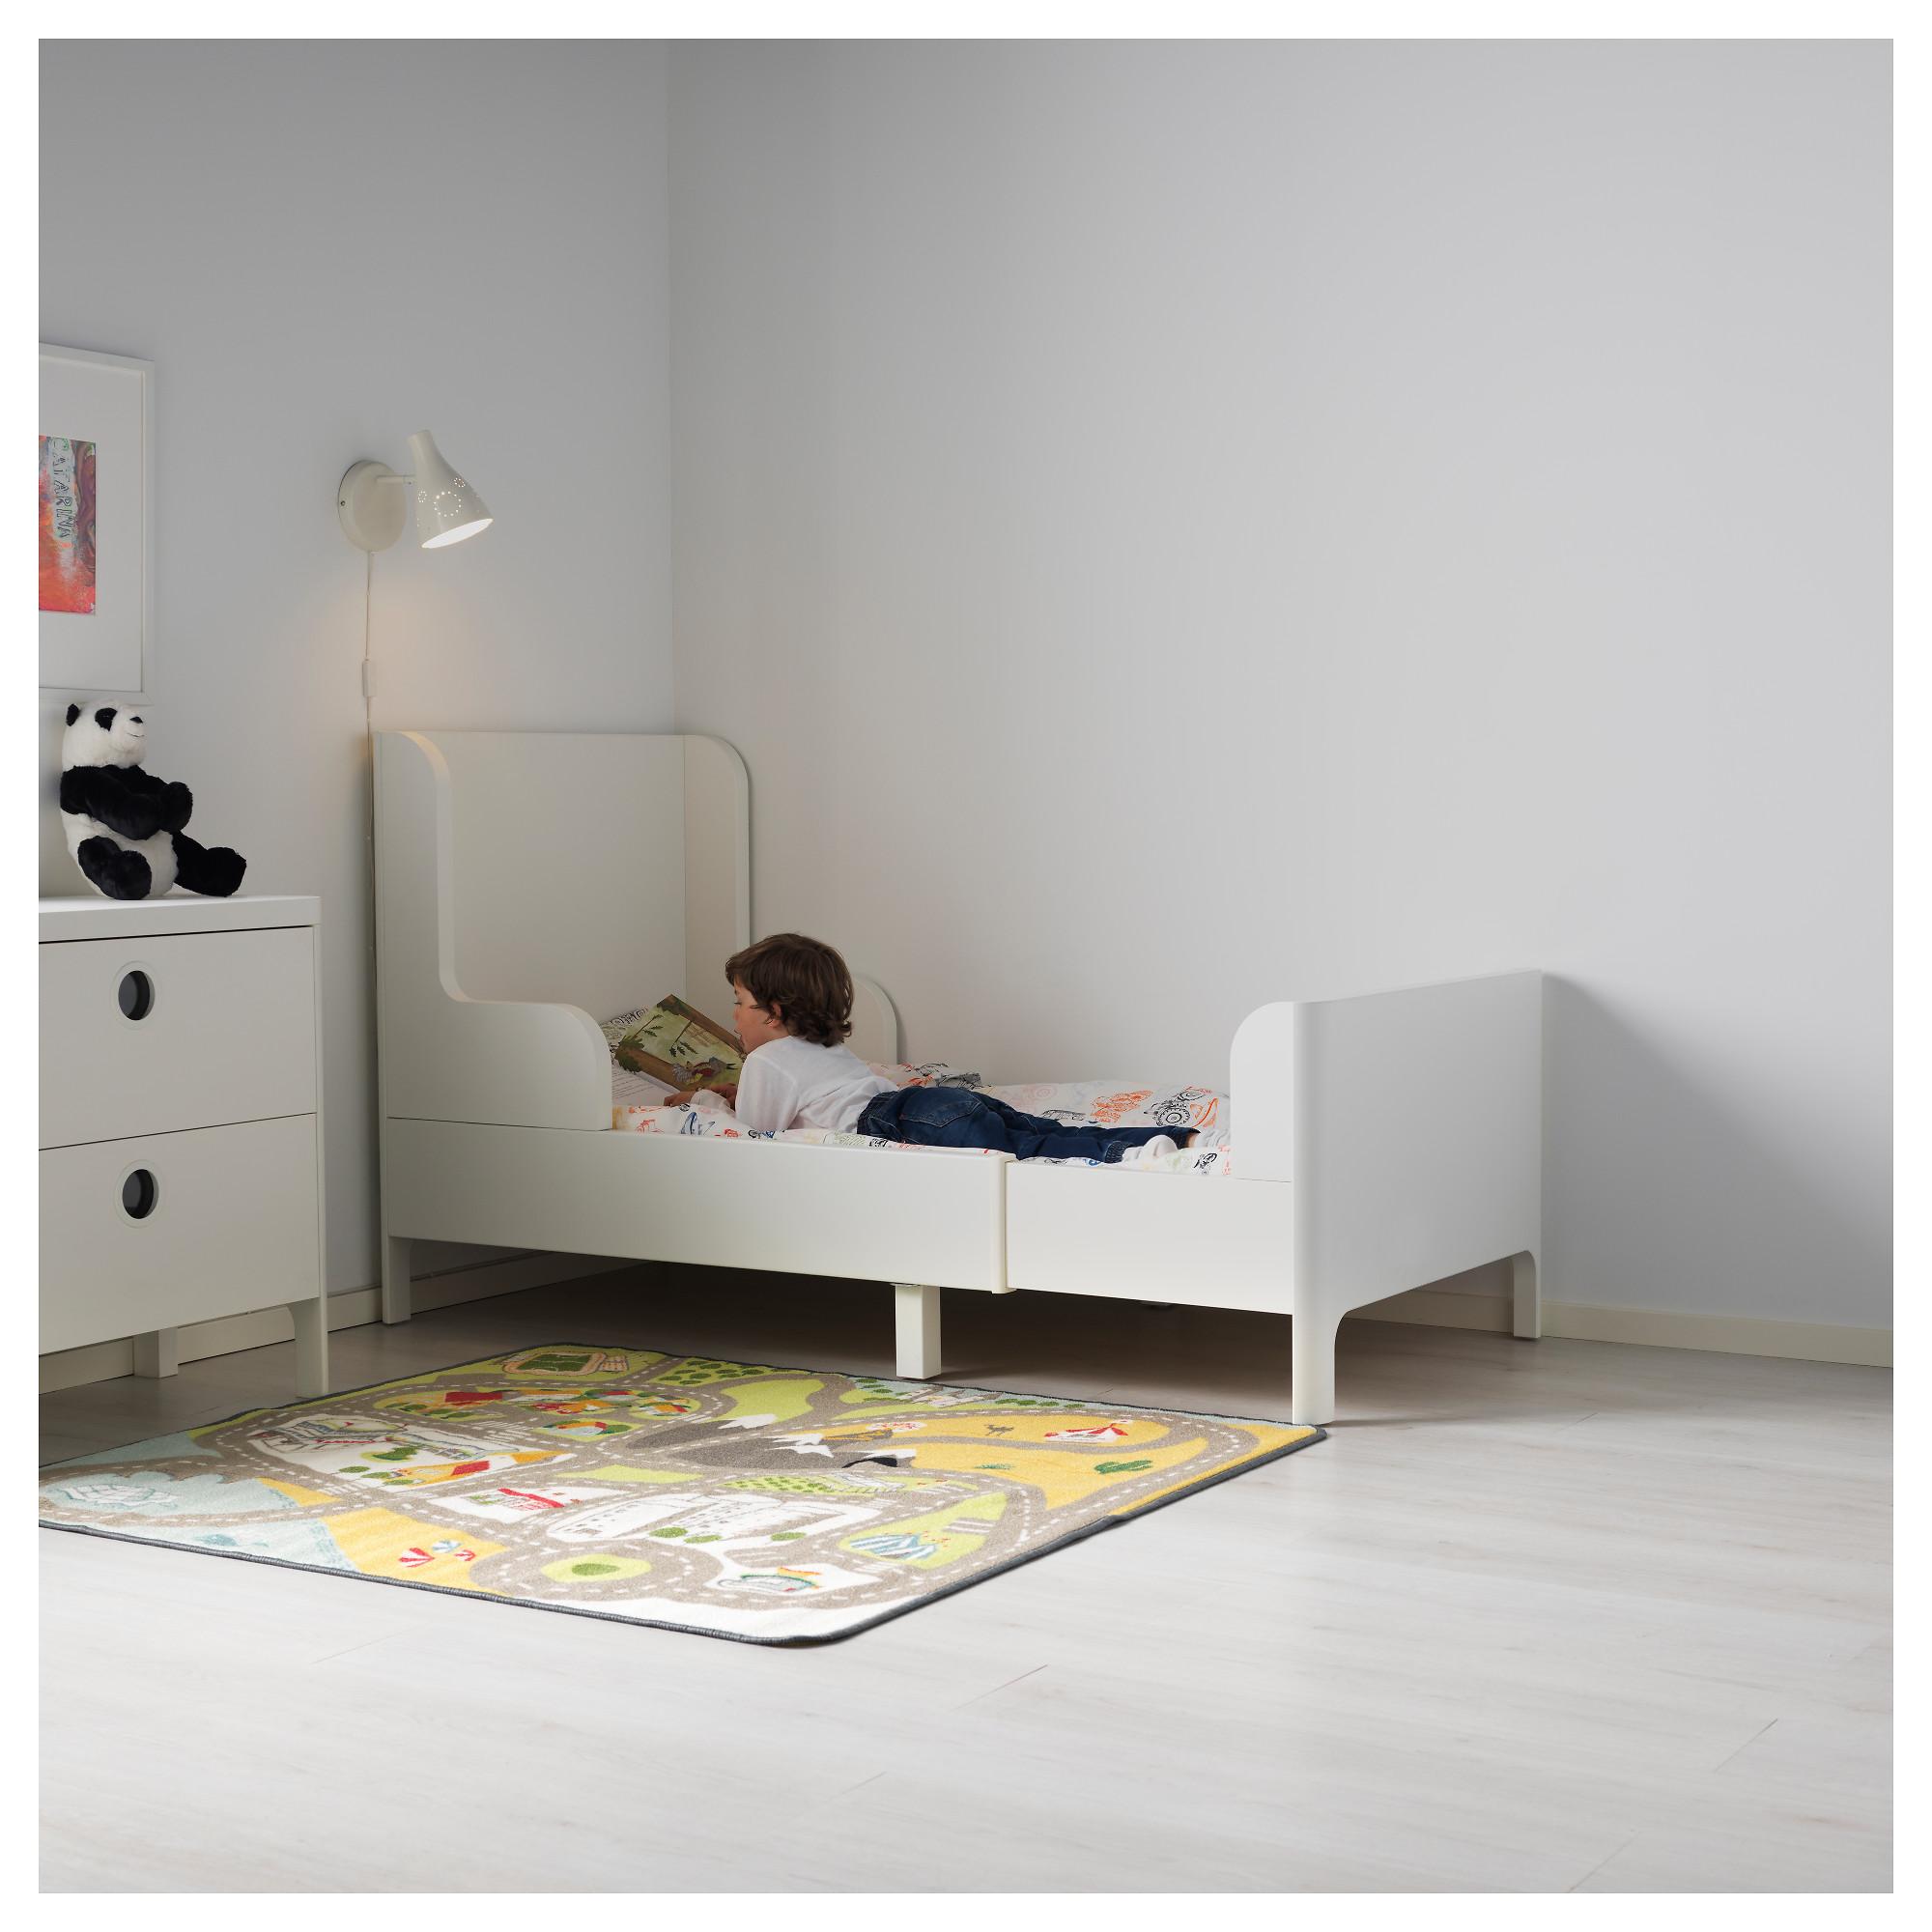 Обустройство современной детской комнаты